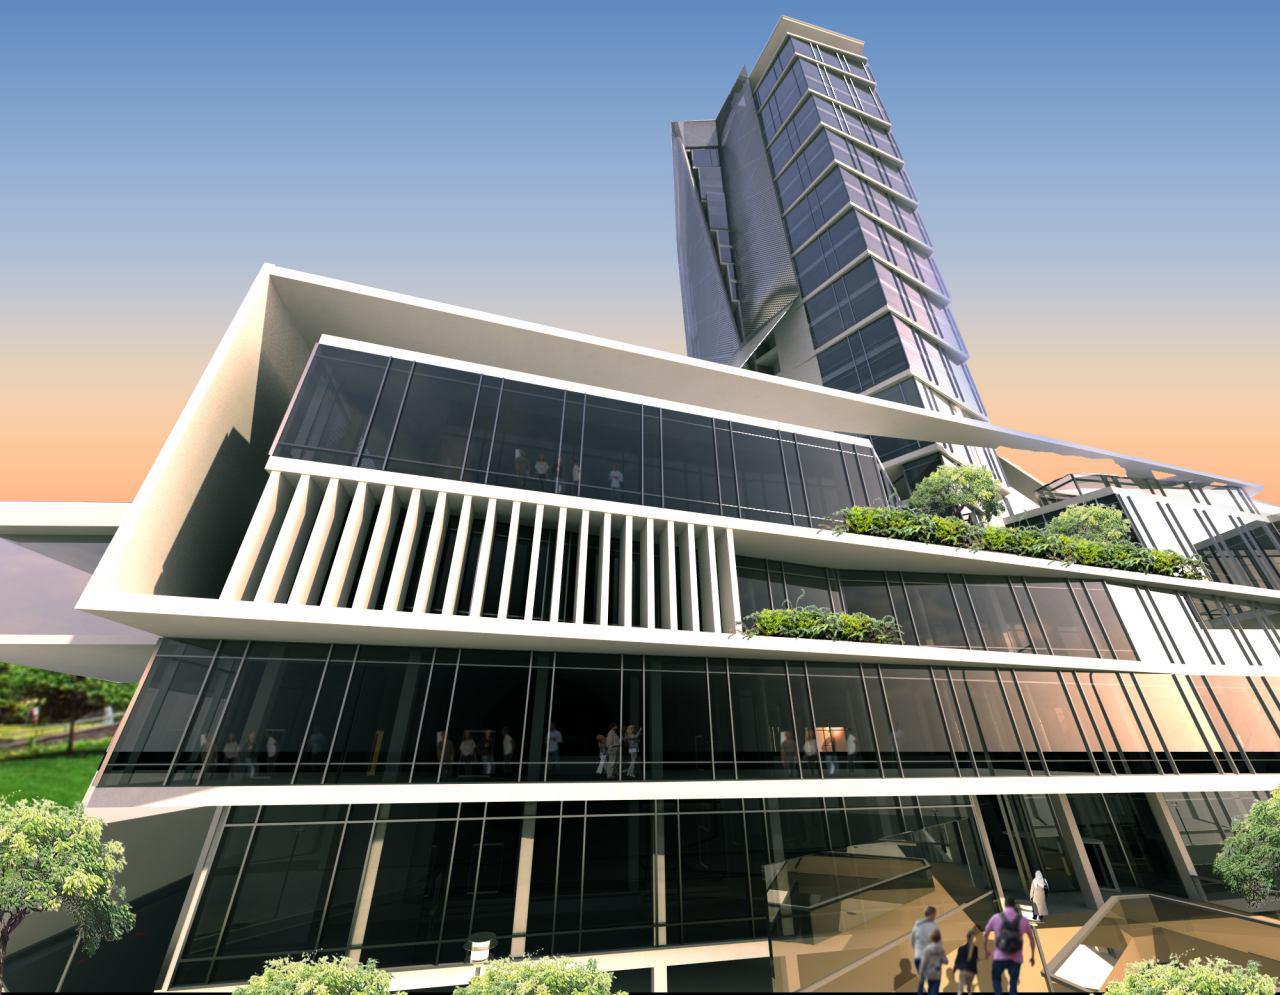 پروژه آرتمیس نمای برج t4